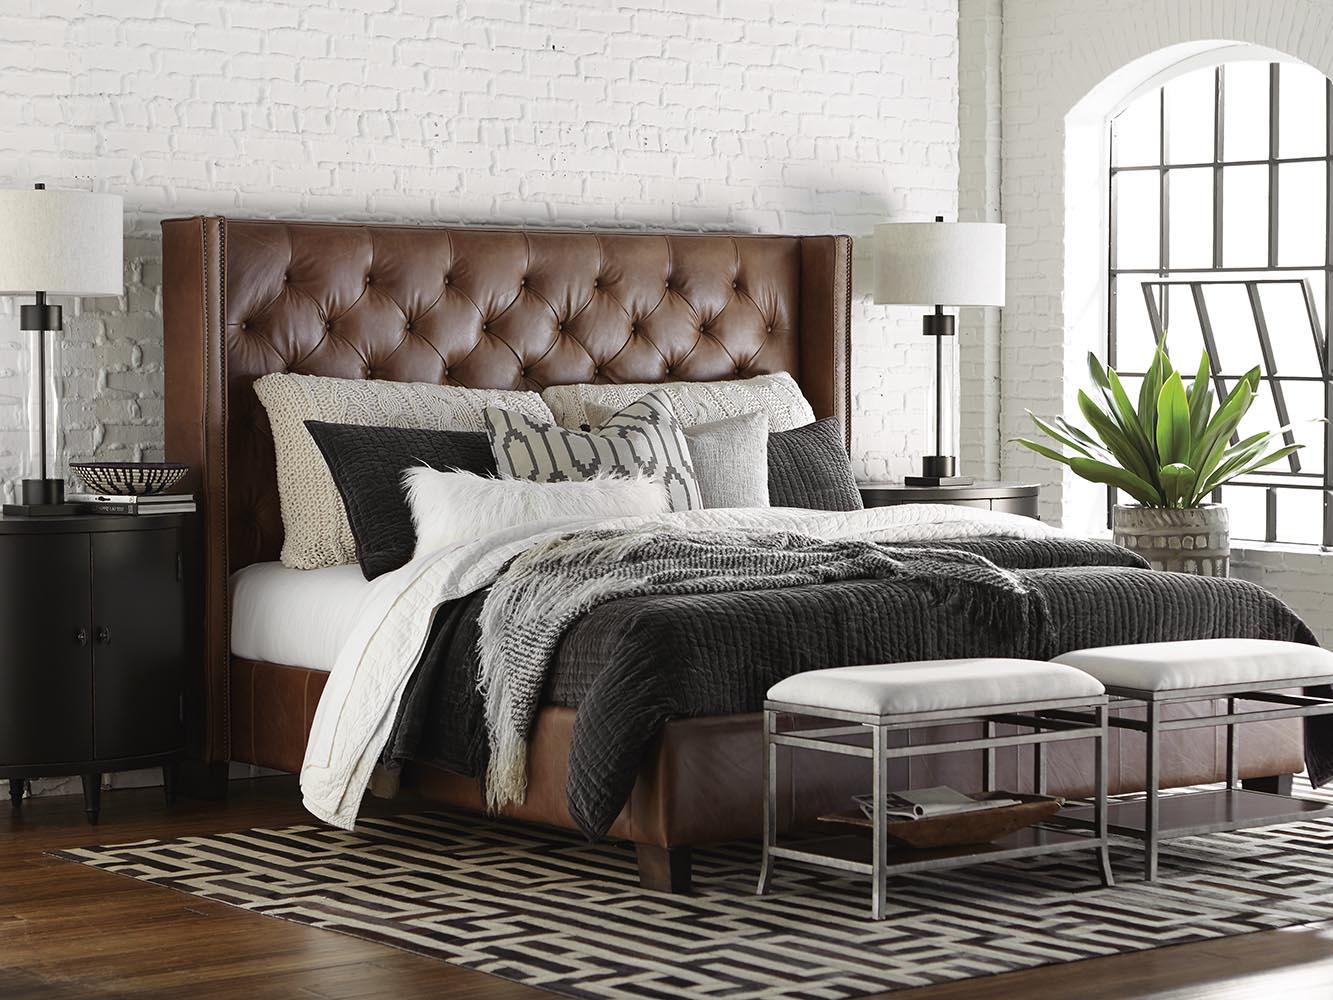 Custom Dublin Uph Bed Image